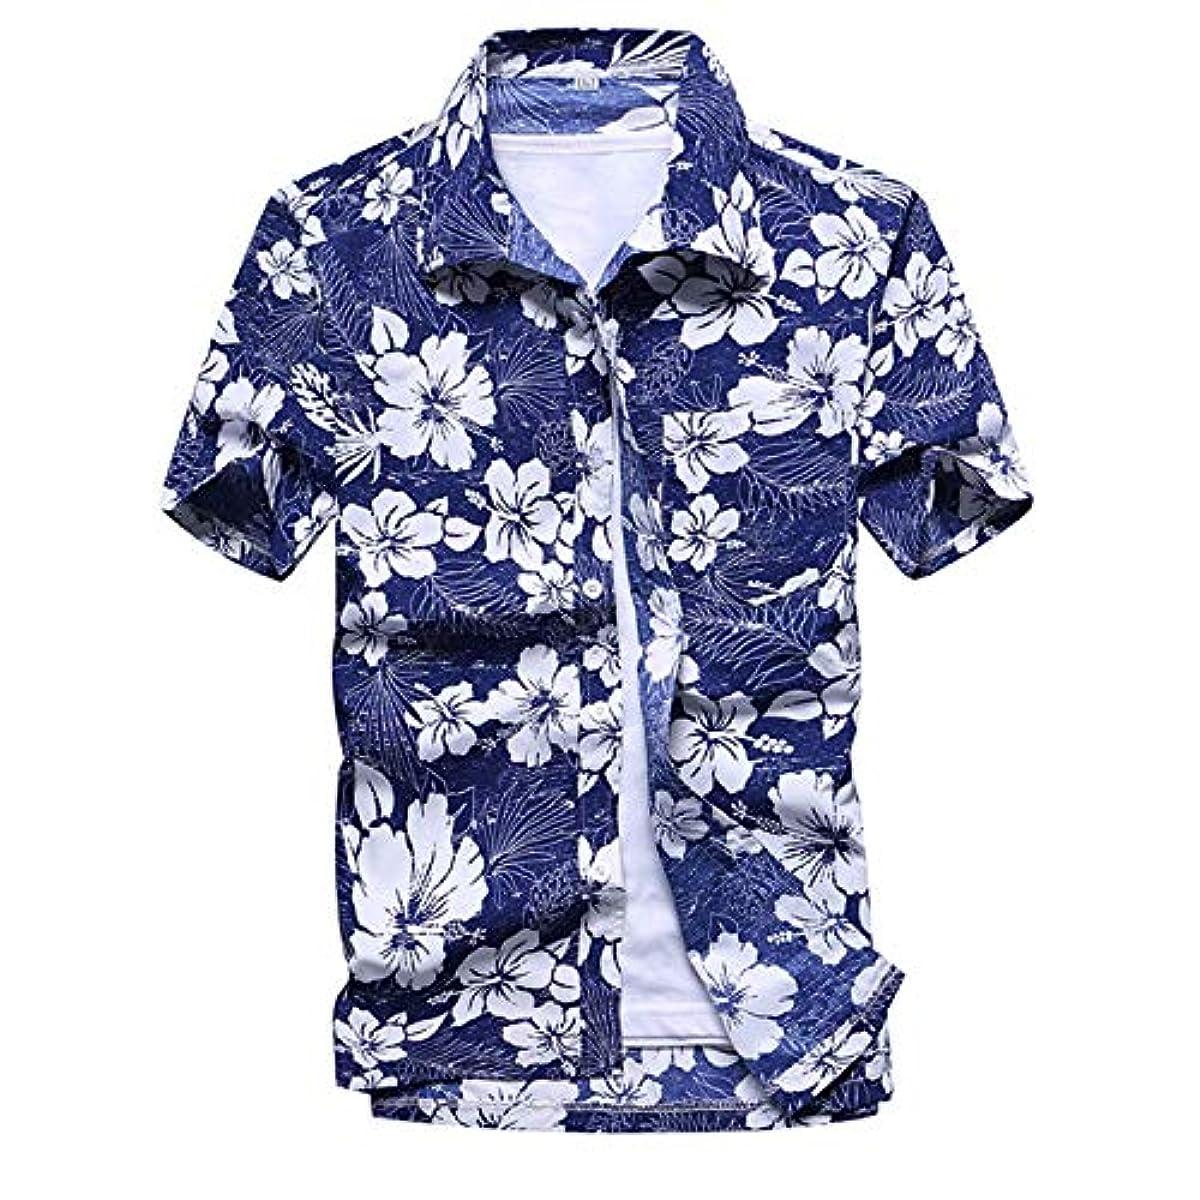 [해외] 화려한 셔츠 맨즈 비치 셔츠 반소매 셔츠 속건초경량 프린트 셔츠 여름 이벤트 제사(축제) 일본 무늬 셔츠 하와이안 셔츠 [UV컷 자외선 대책 가공]